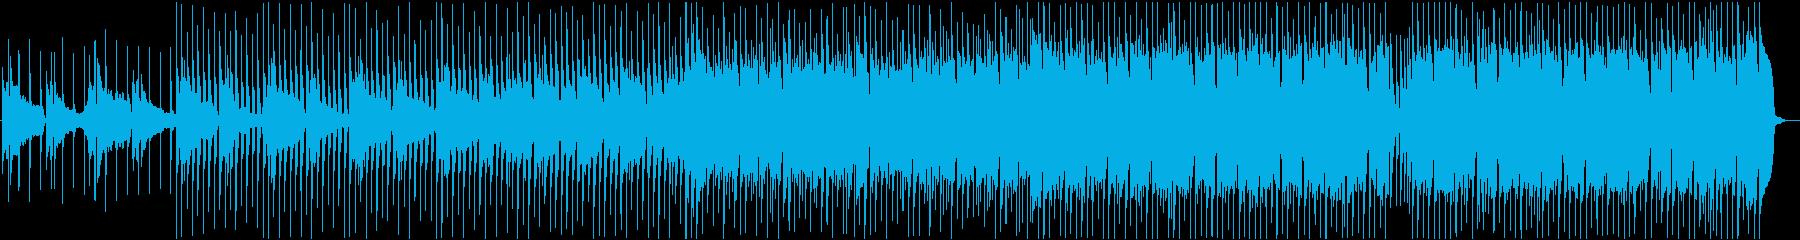 透明感あるピアノメインのEDMの再生済みの波形